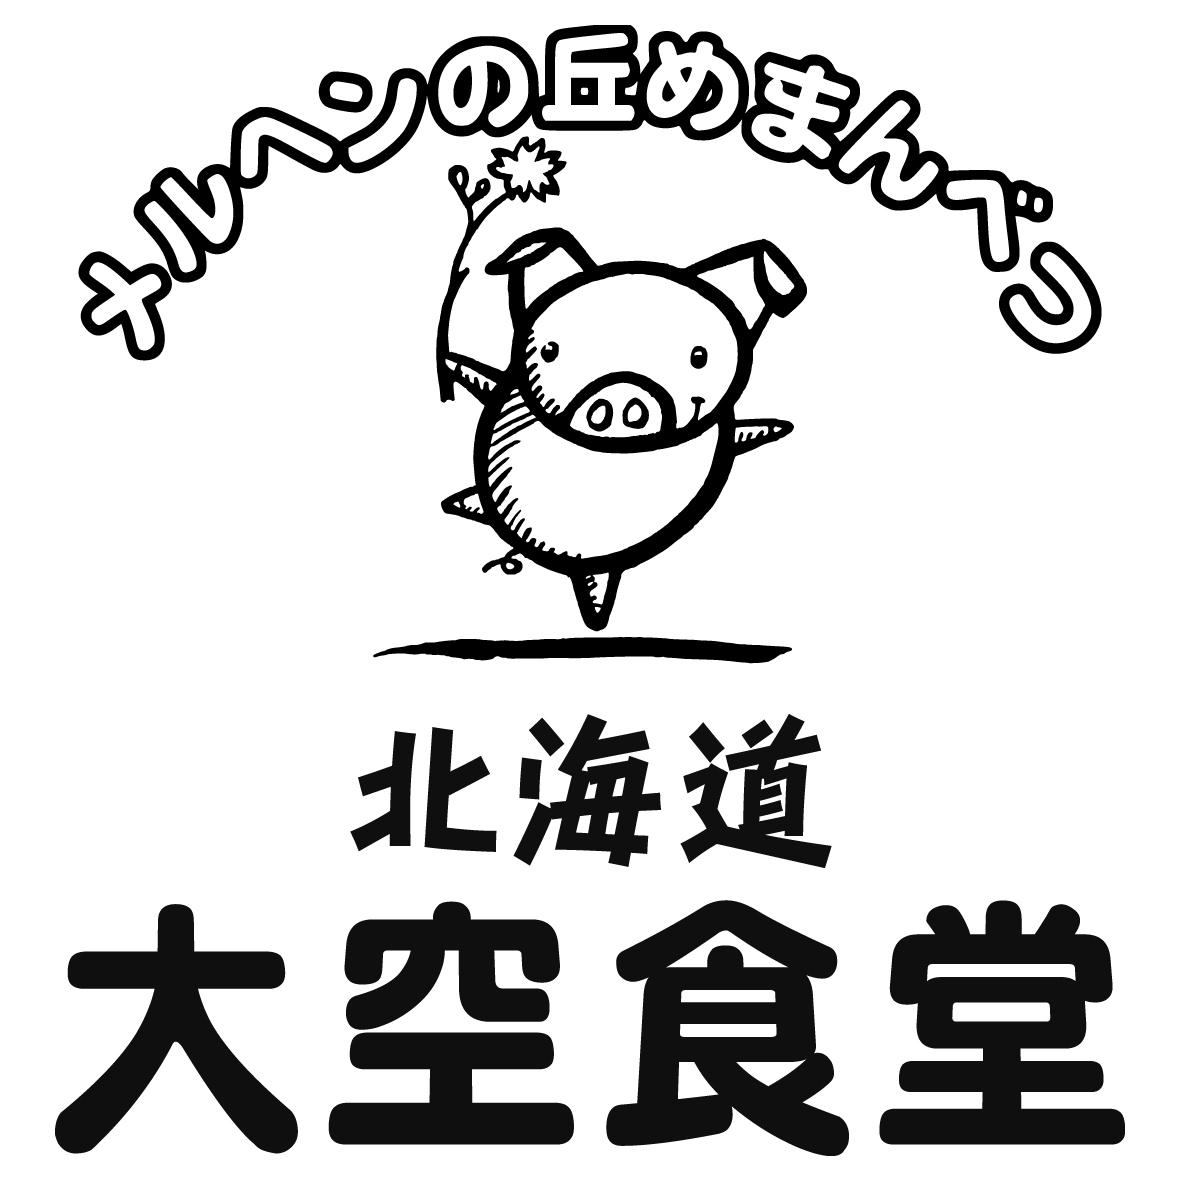 大空食堂ロゴ1